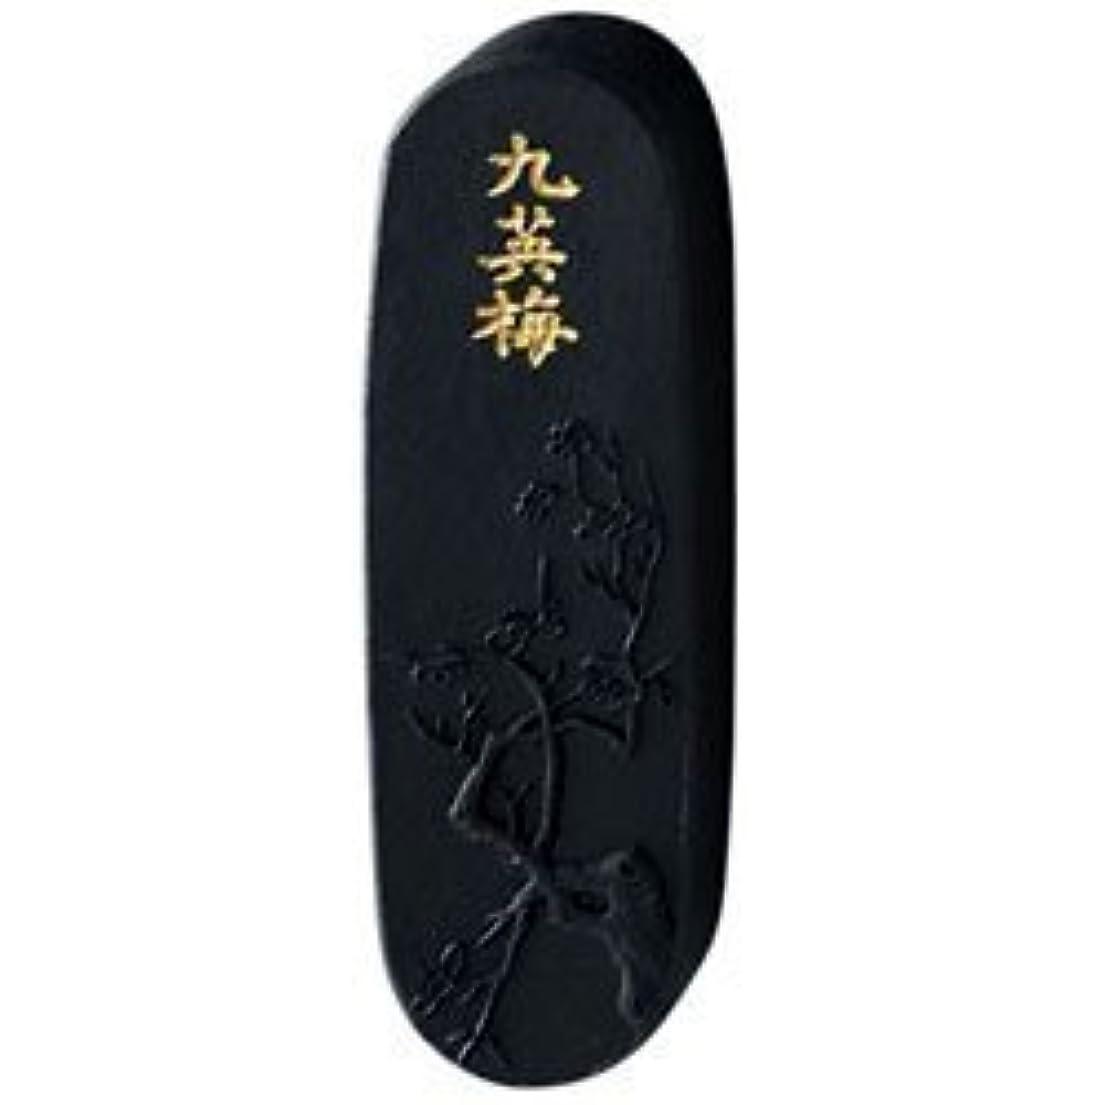 トリプル合金デマンド青墨 九英梅 (青墨水墨画用) 0.8丁型